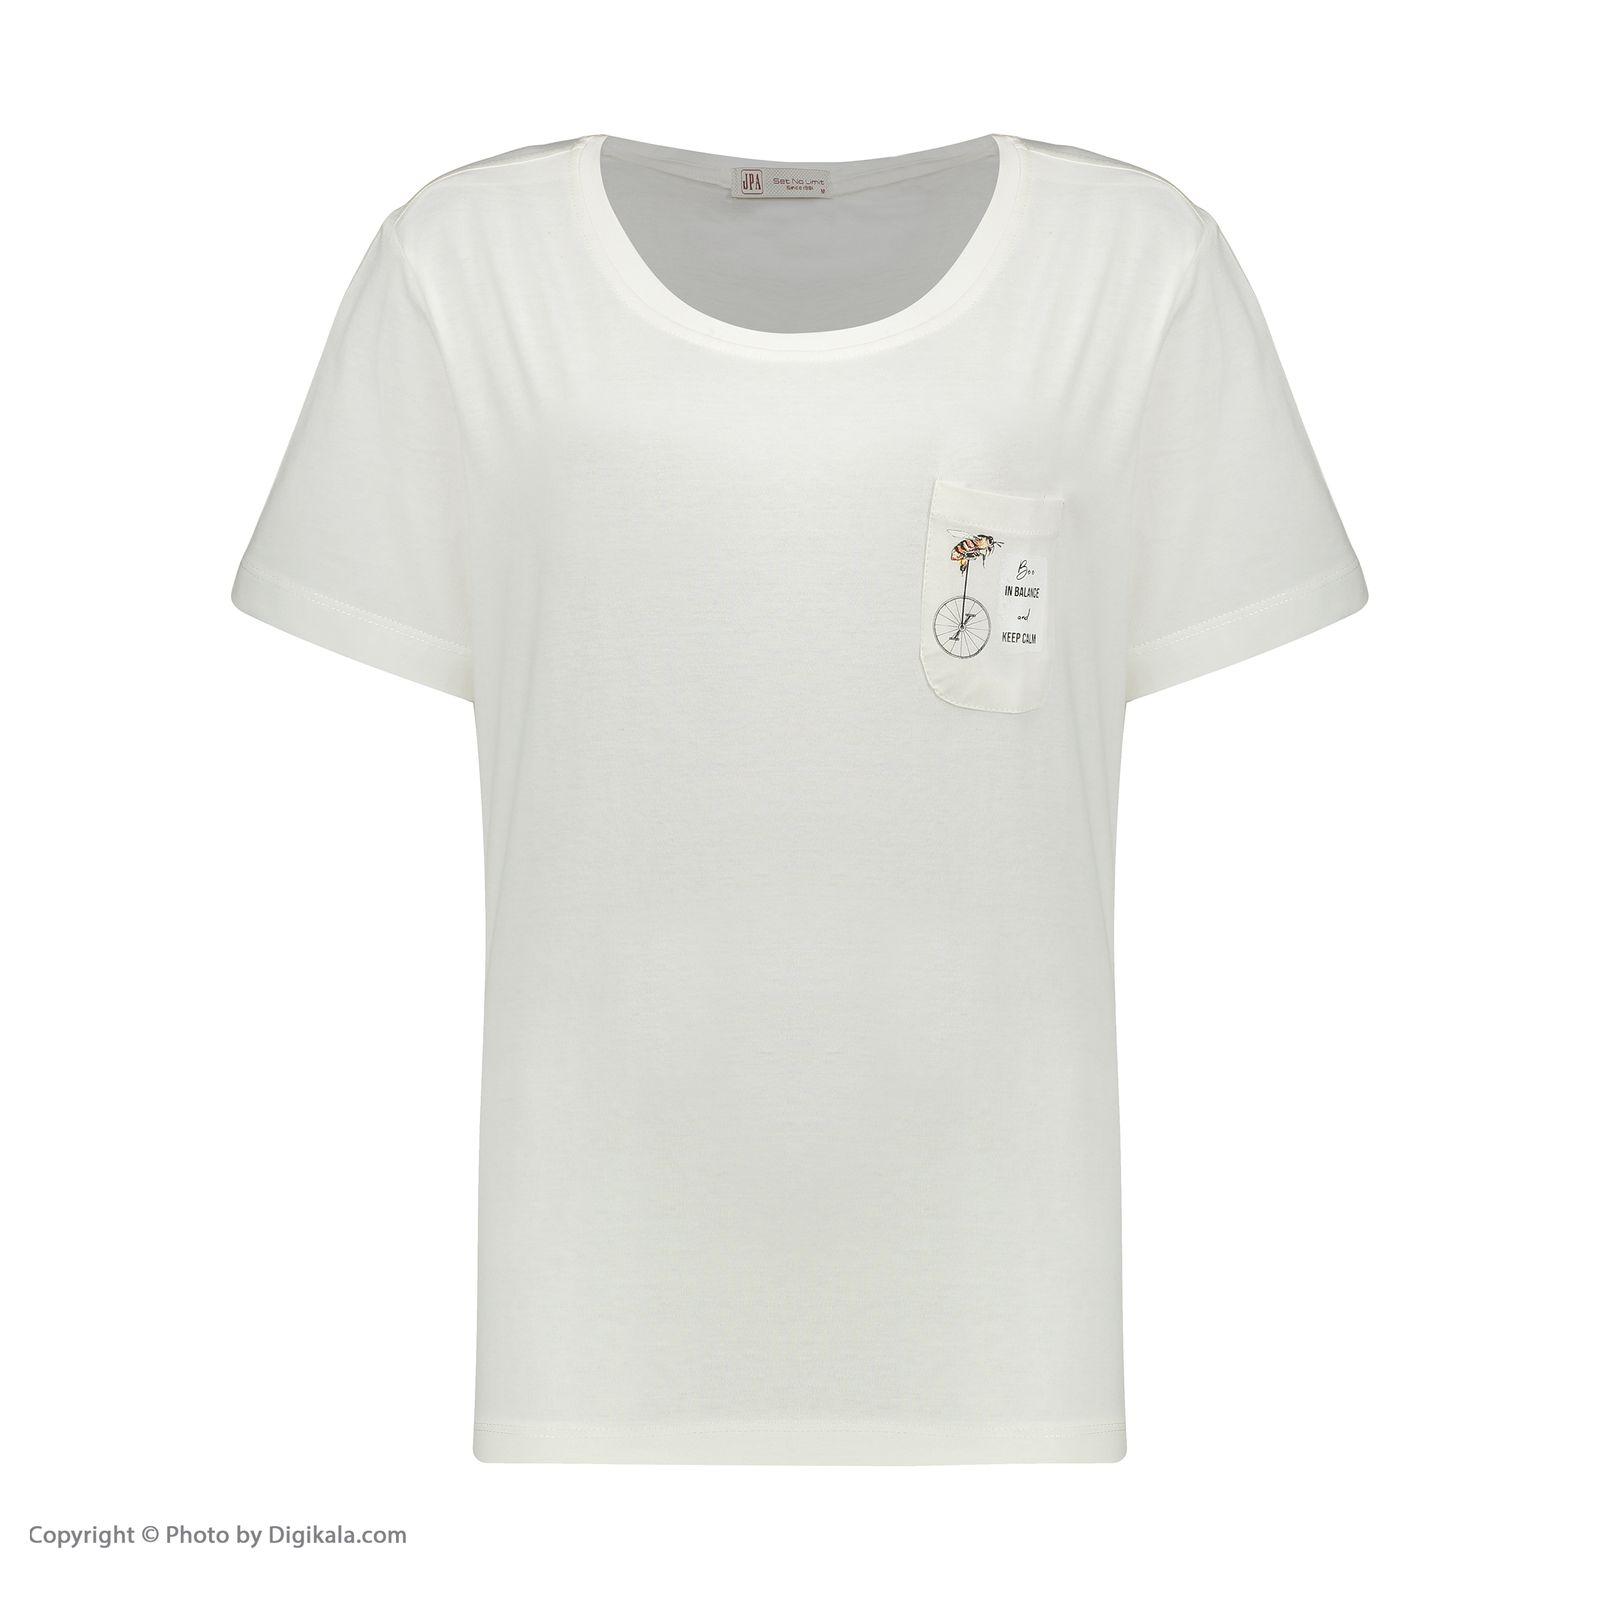 تی شرت زنانه جامه پوش آرا مدل 4012019475-05 -  - 3